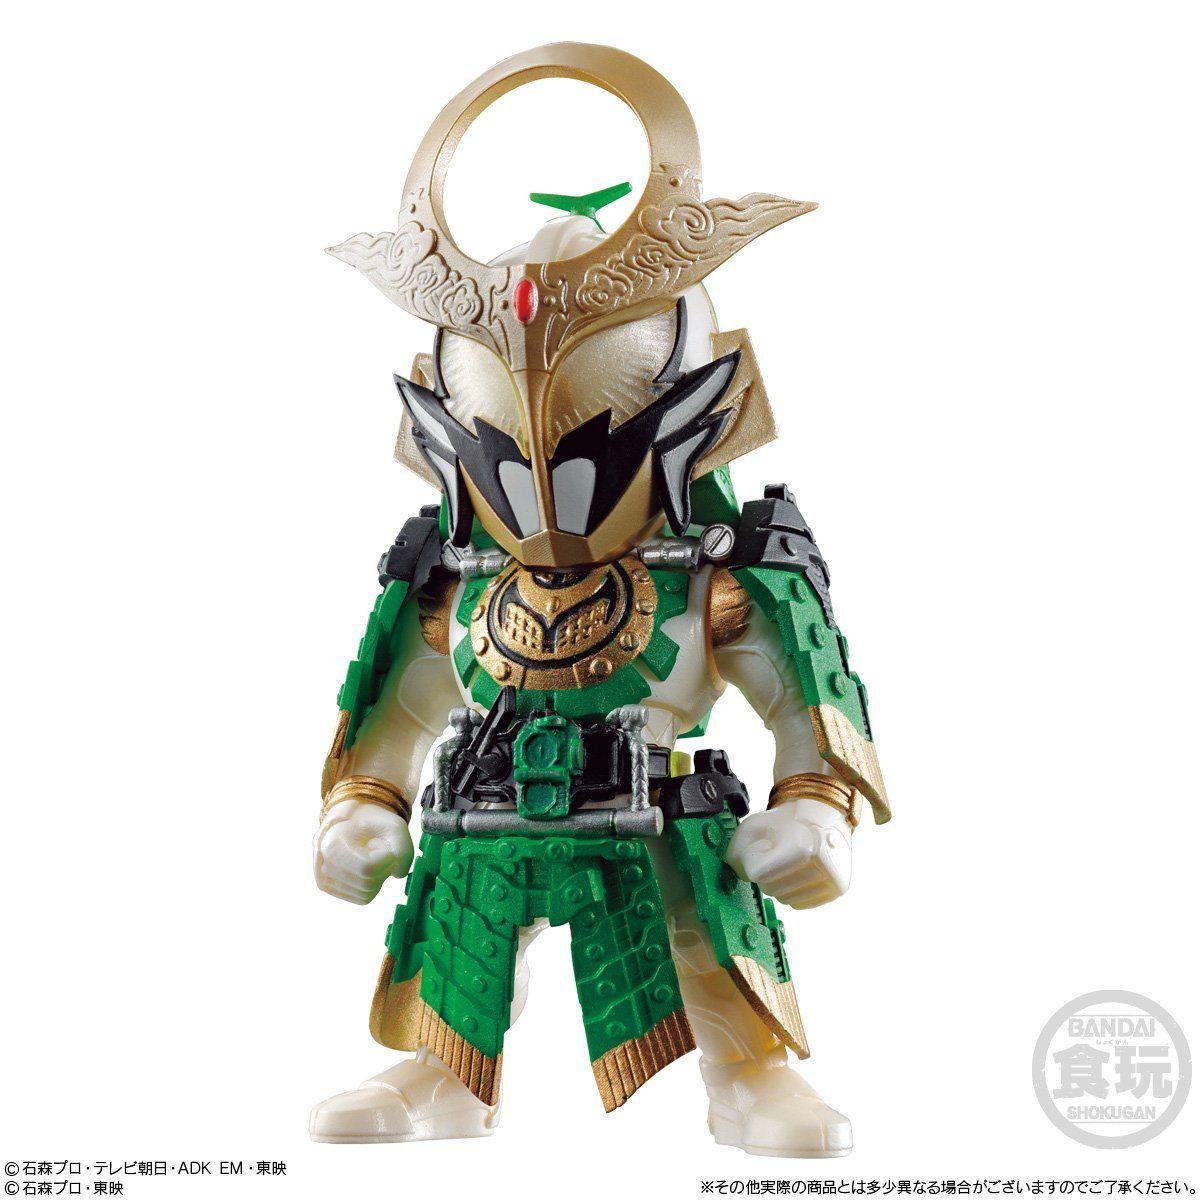 【食玩】コンバージ仮面ライダー『CONVERGE KAMEN RIDER 16』10個入りBOX-003